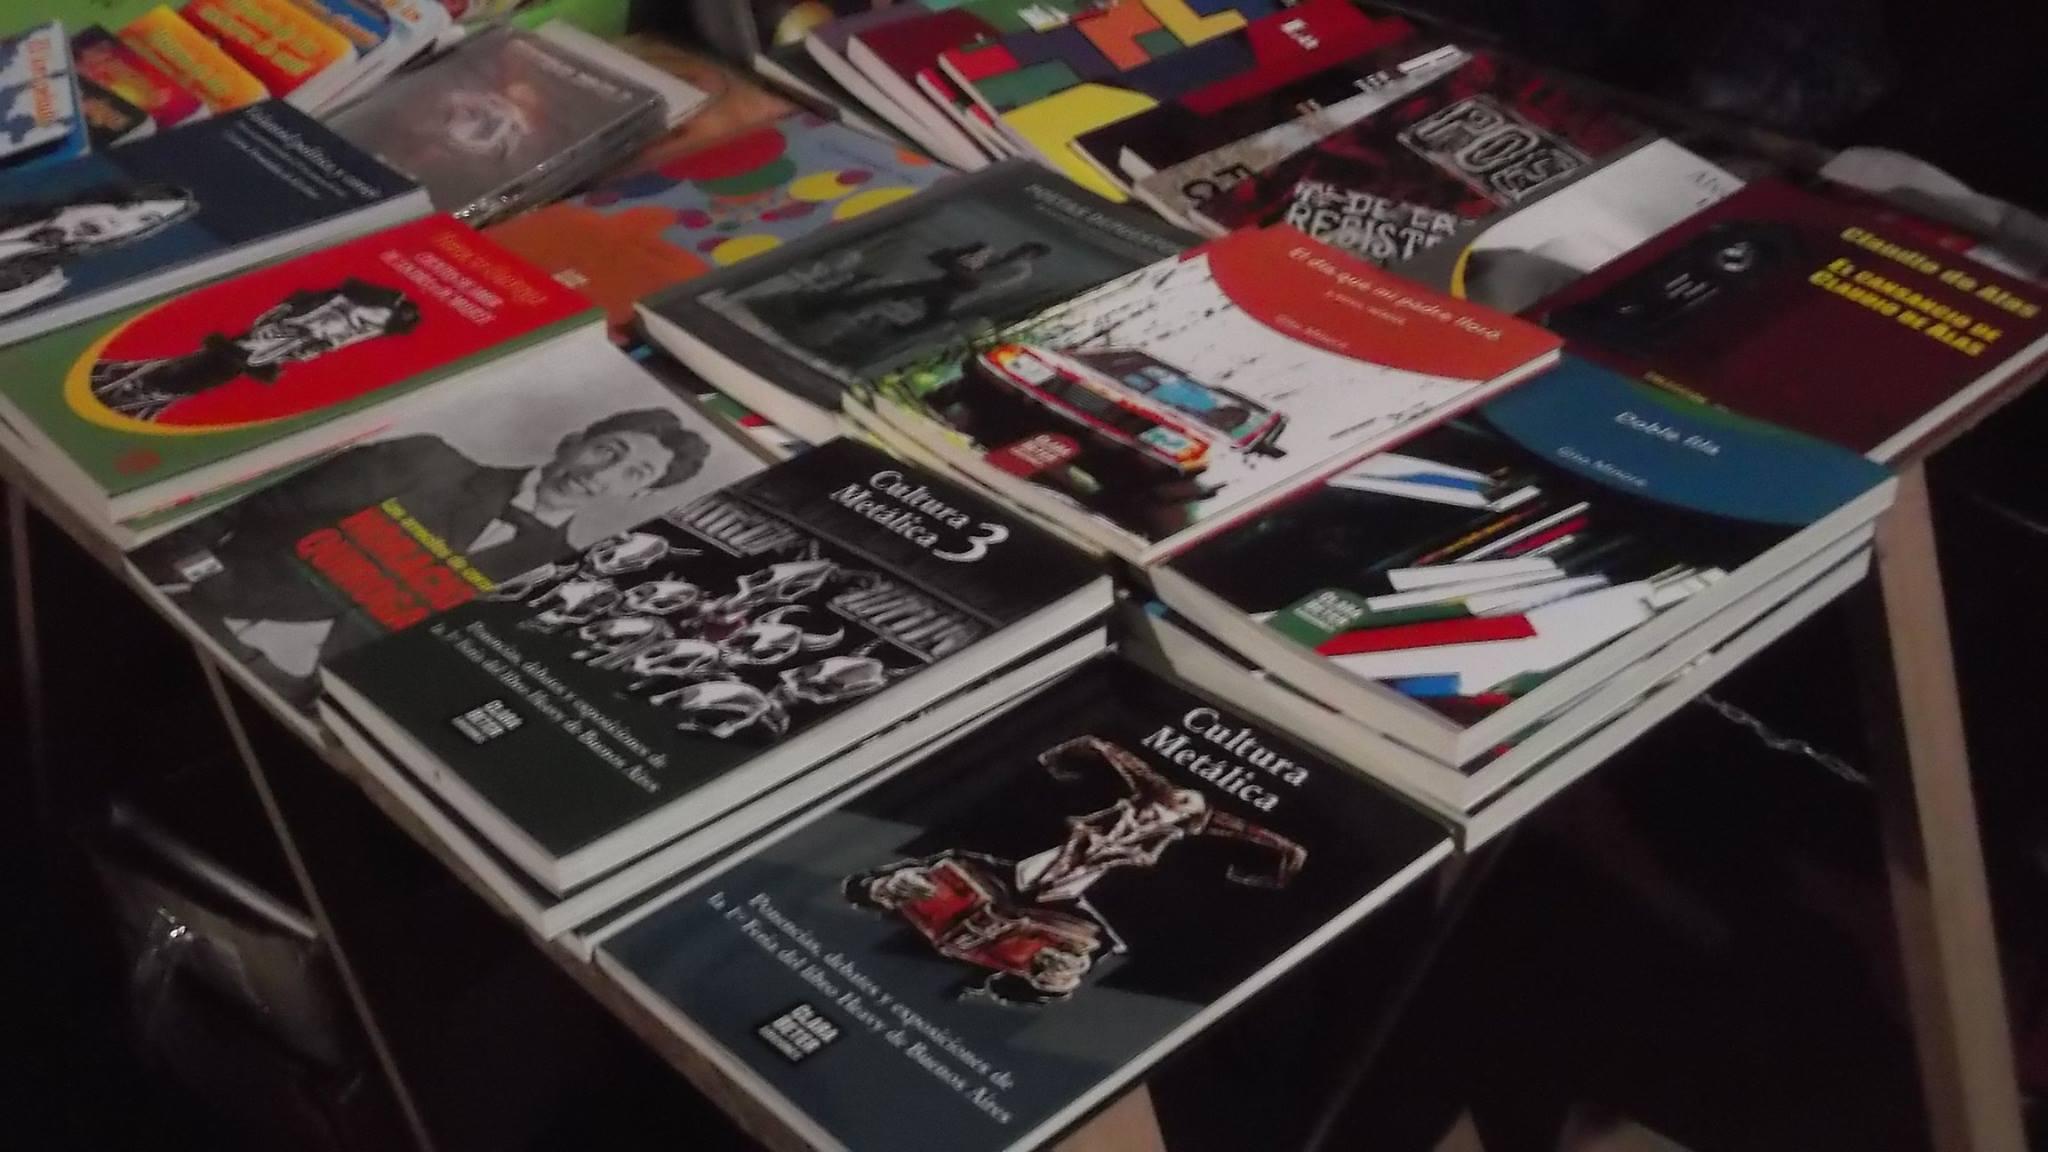 Del Heavy Metal a la poesía de Boedo, la editorial Clara Beter estará en el Libro Móvil de Plaza Echeverría